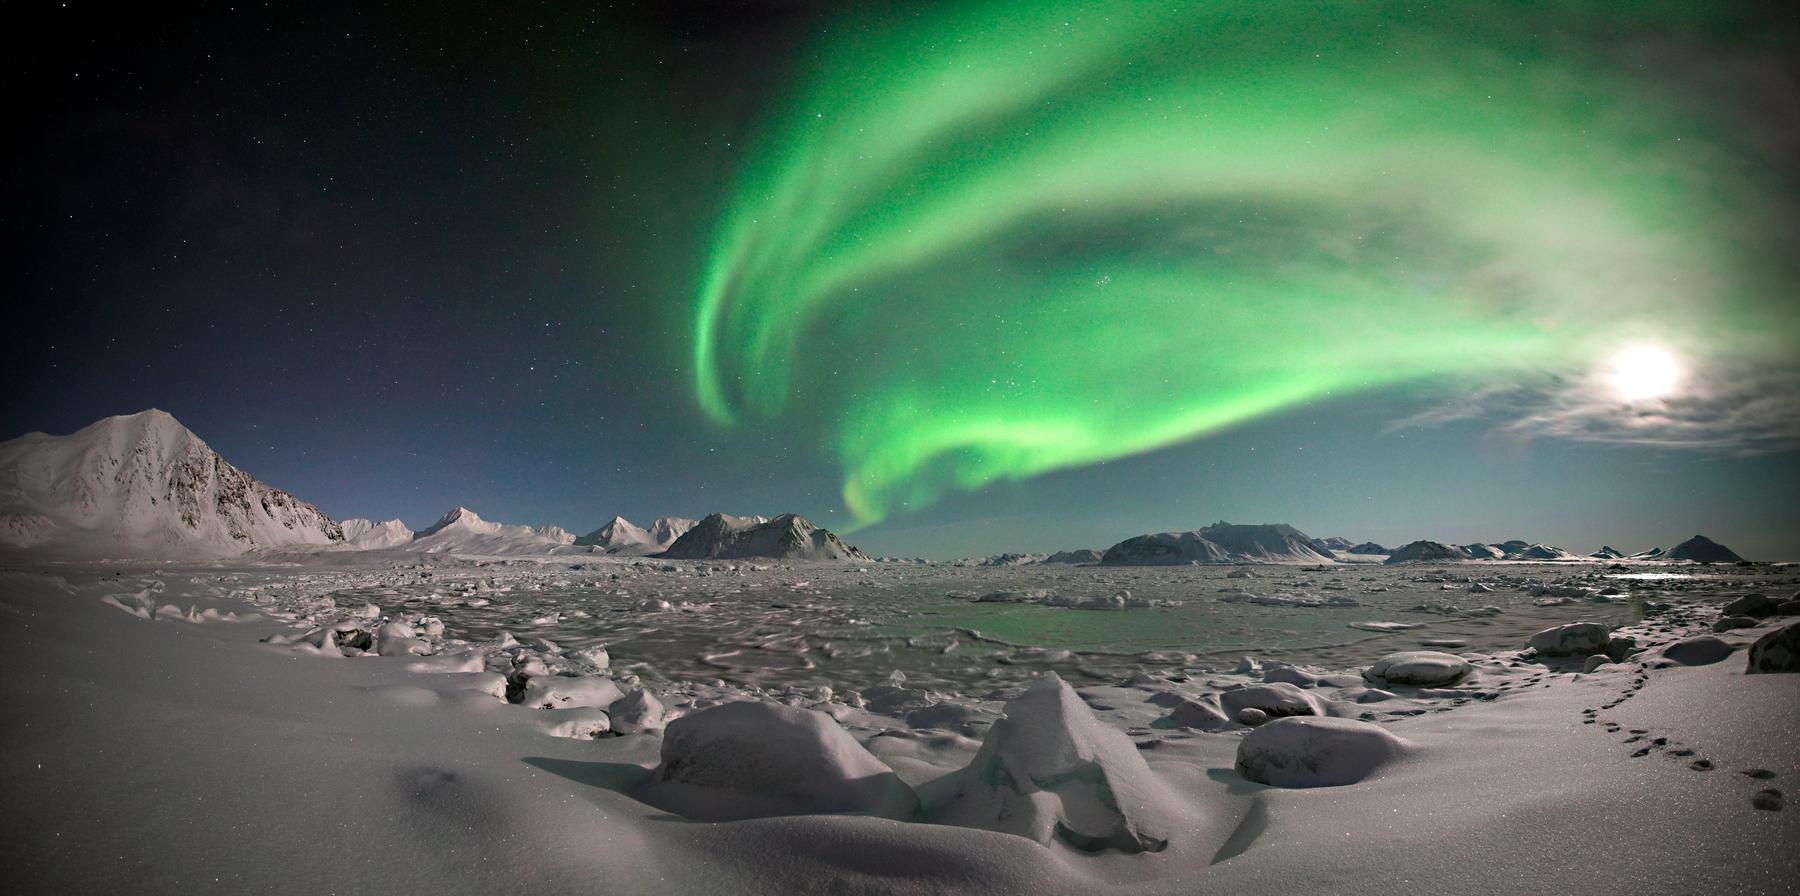 冰島對COVID-19疫情的控制在世界上名列前矛